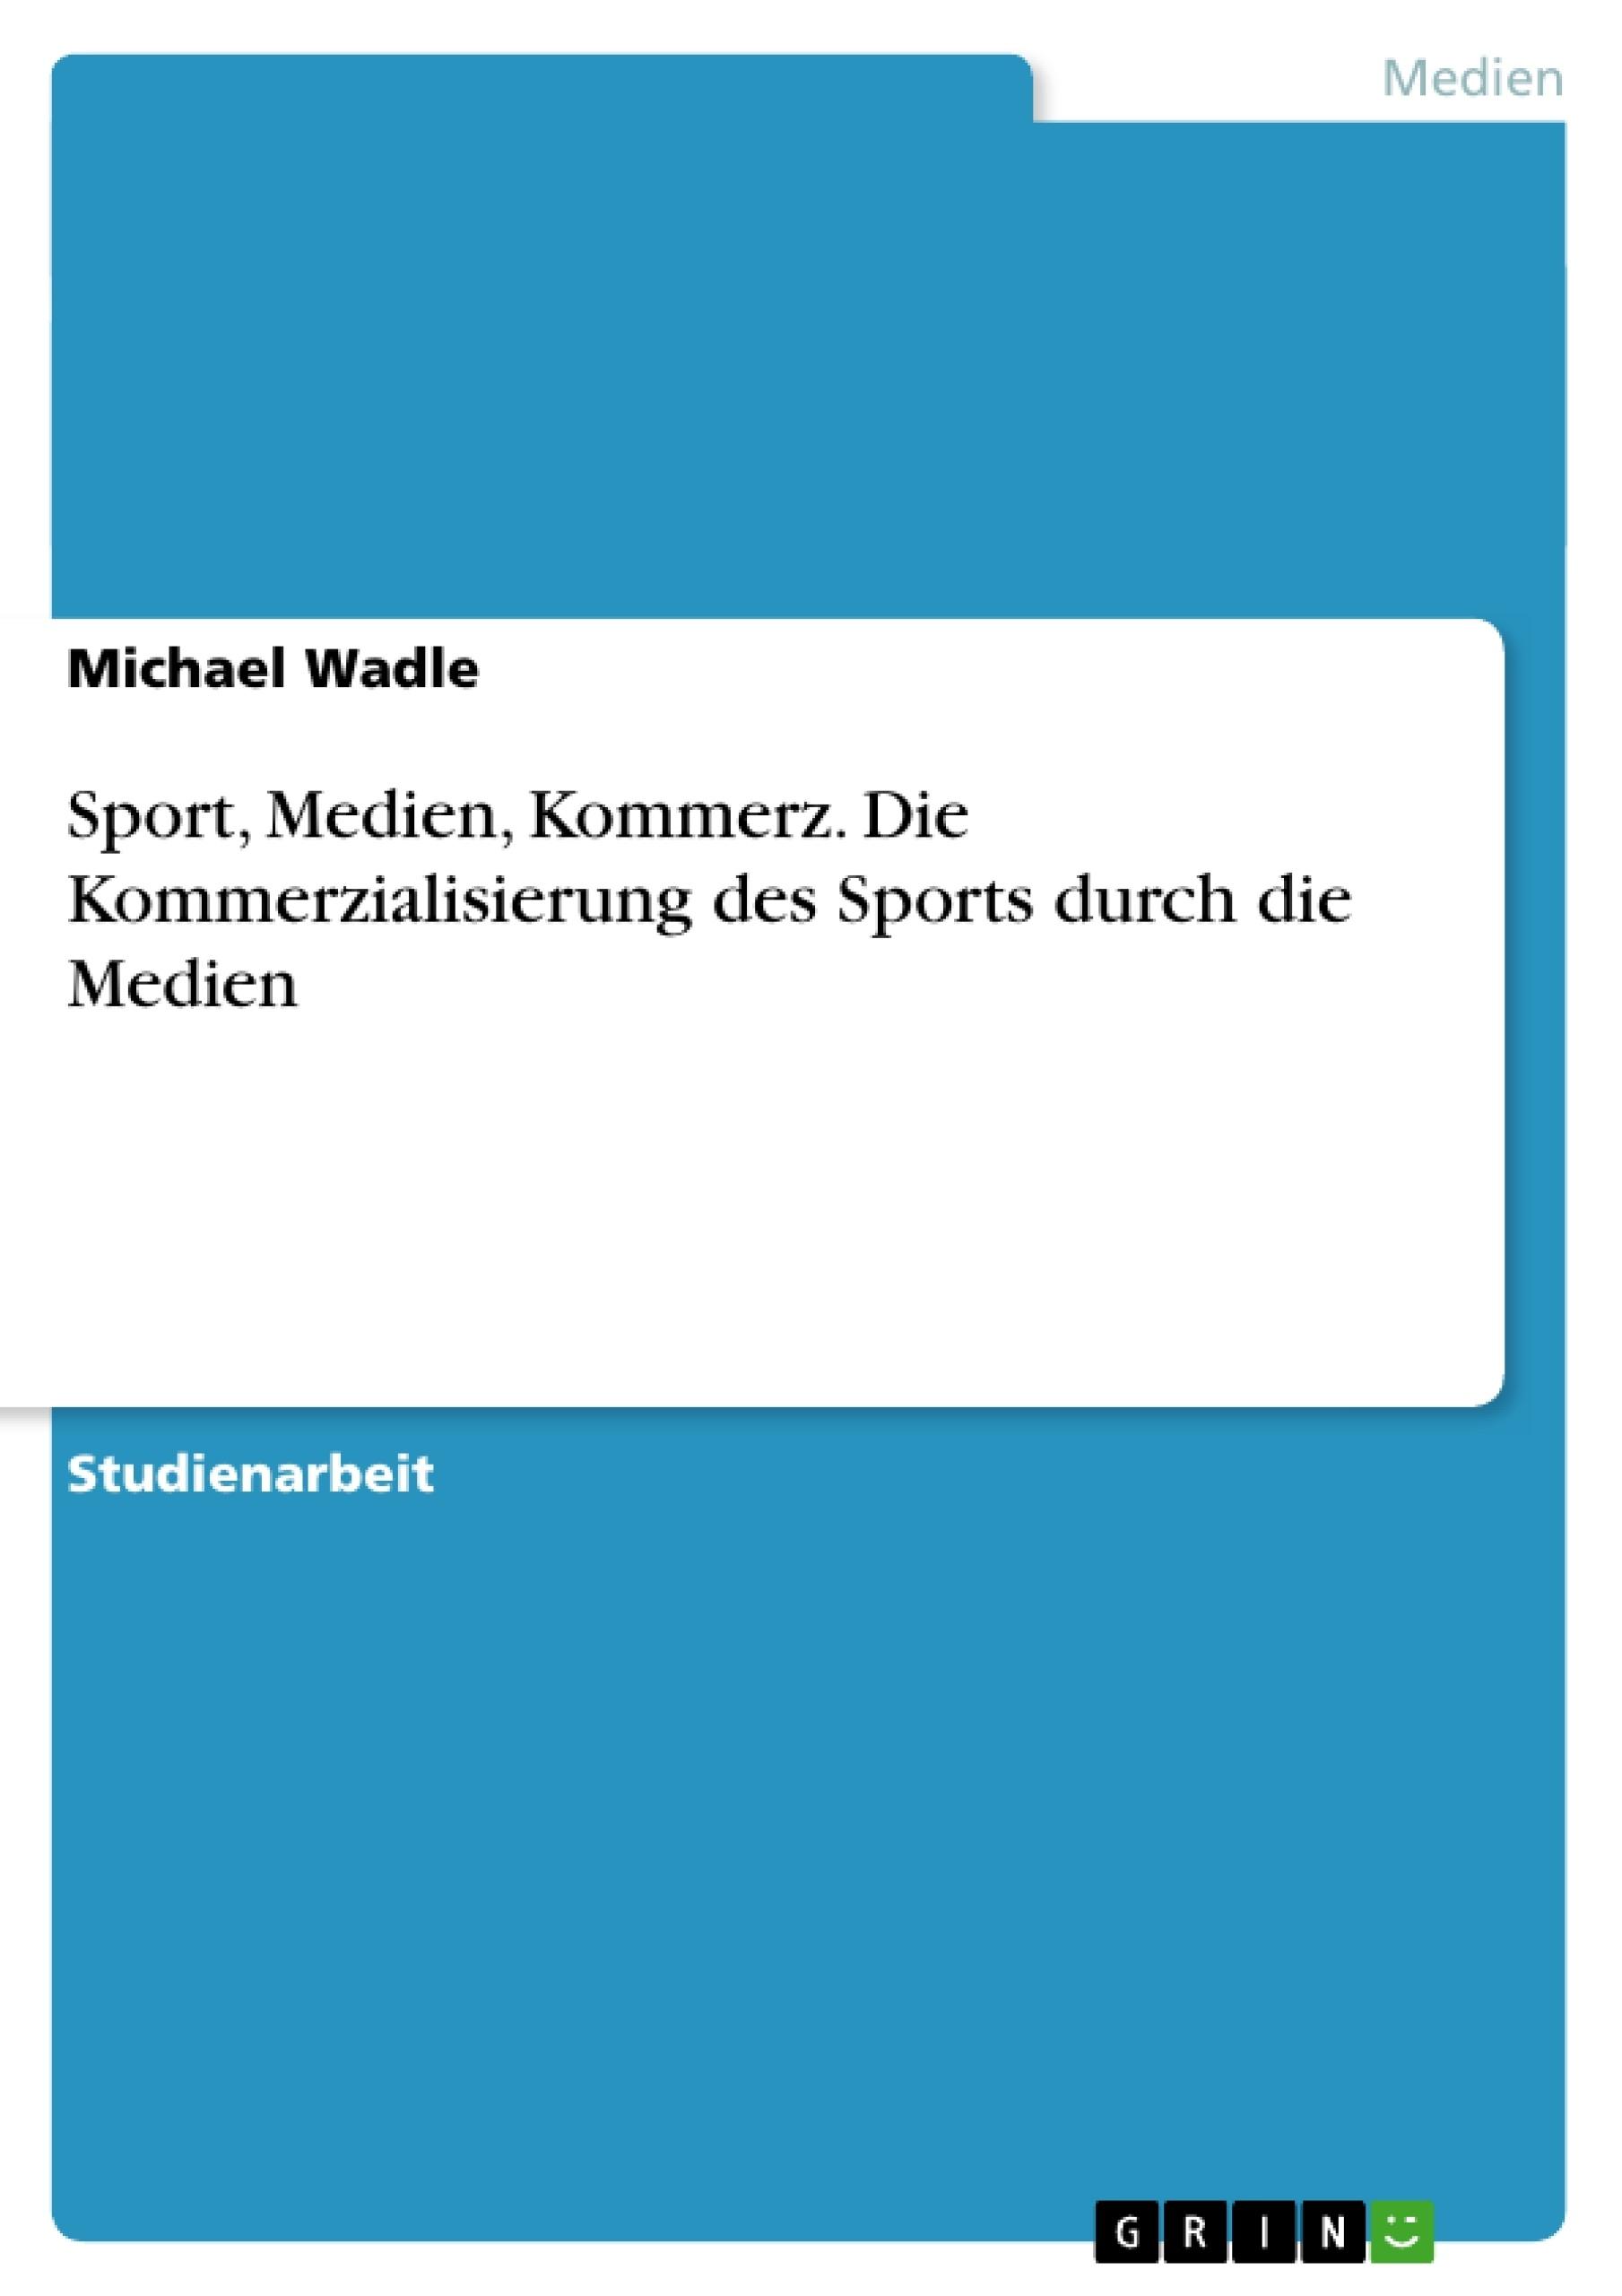 Titel: Sport, Medien, Kommerz. Die Kommerzialisierung des Sports durch die Medien